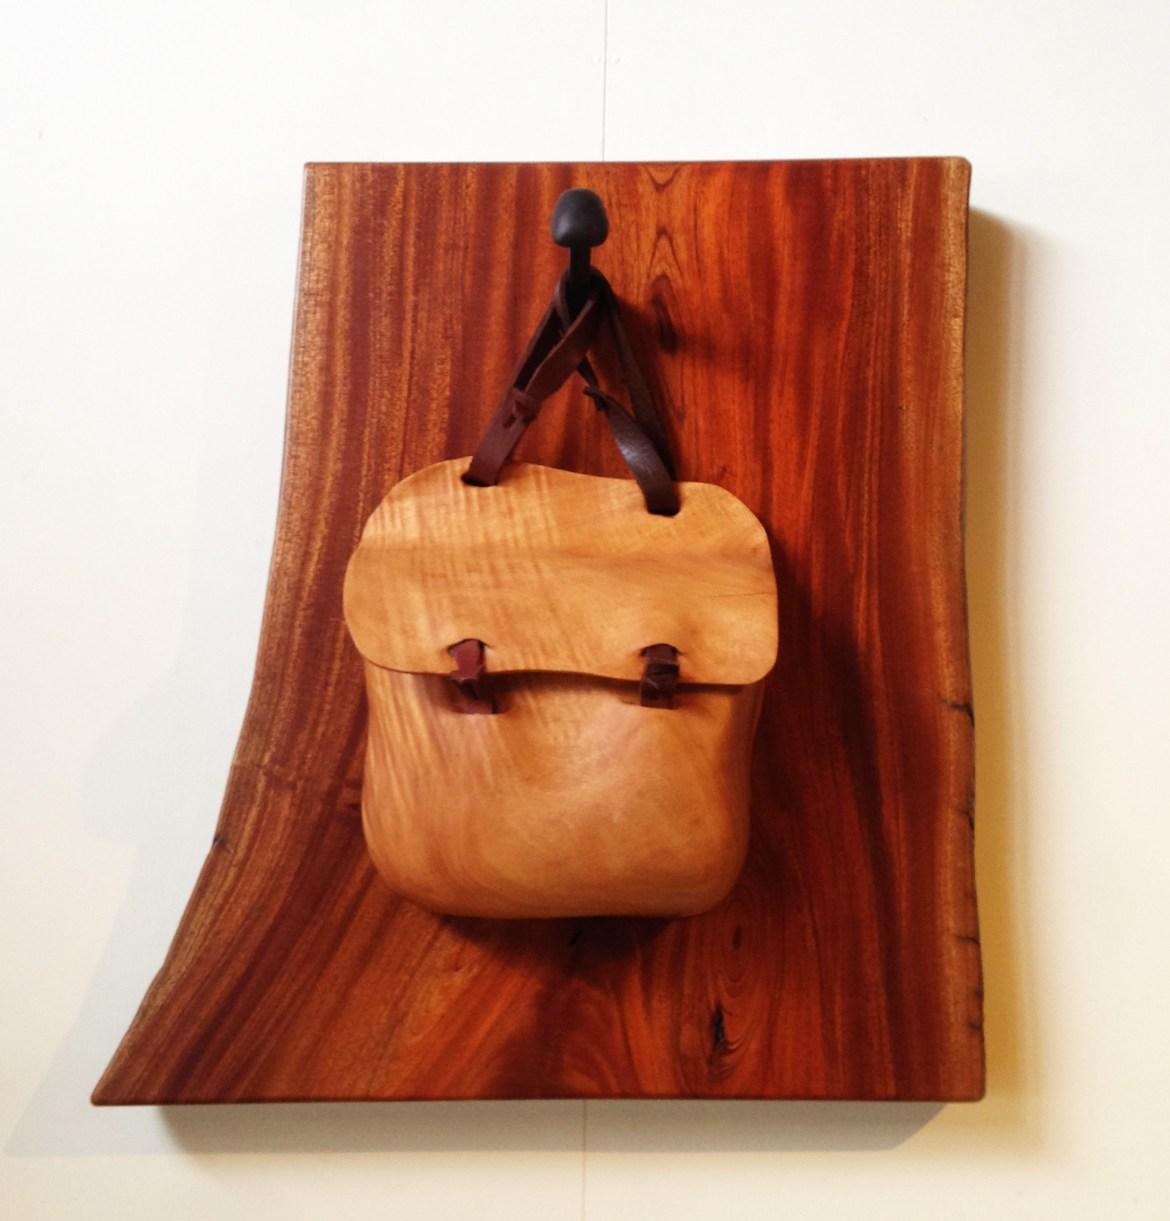 Tolga Wood Works